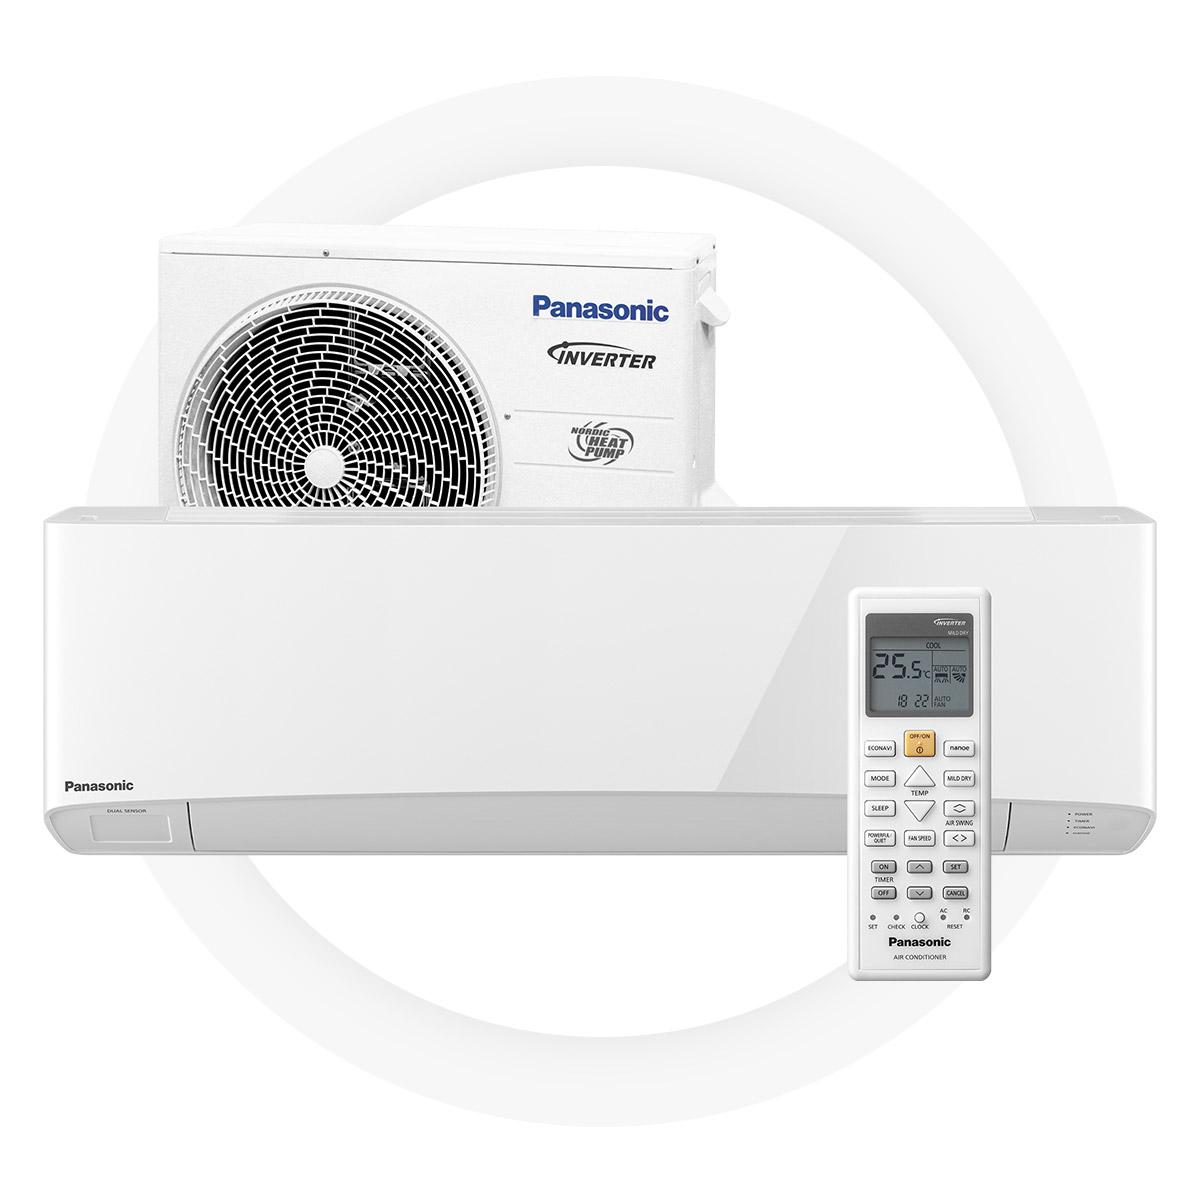 Panasonic nz25-tke - Högt SCOP-värde på 4,6 genererar stora besparingarHög energieffektivitet vid både uppvärmning och kyla – A+++8/+15°C läge för underhållsvärmeMycket tyst arbetsläge – 19 dBMiljövänligt R32 kylmedel5 års full fabriksgaranti från Panasonic